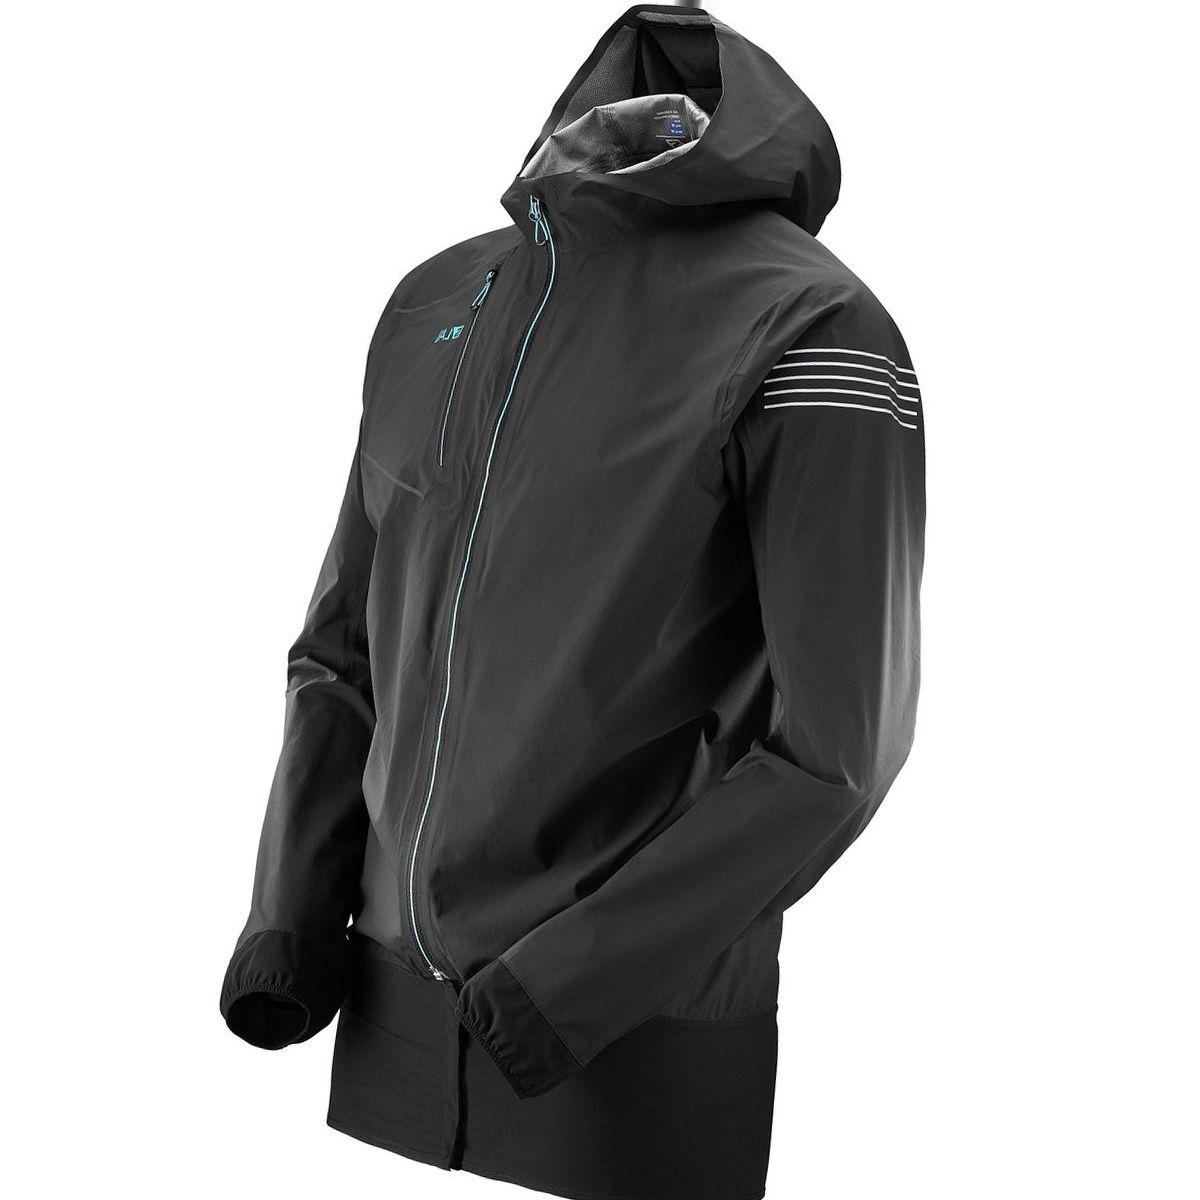 Salomon S/Lab Motionfit 360 Jacket - Men's